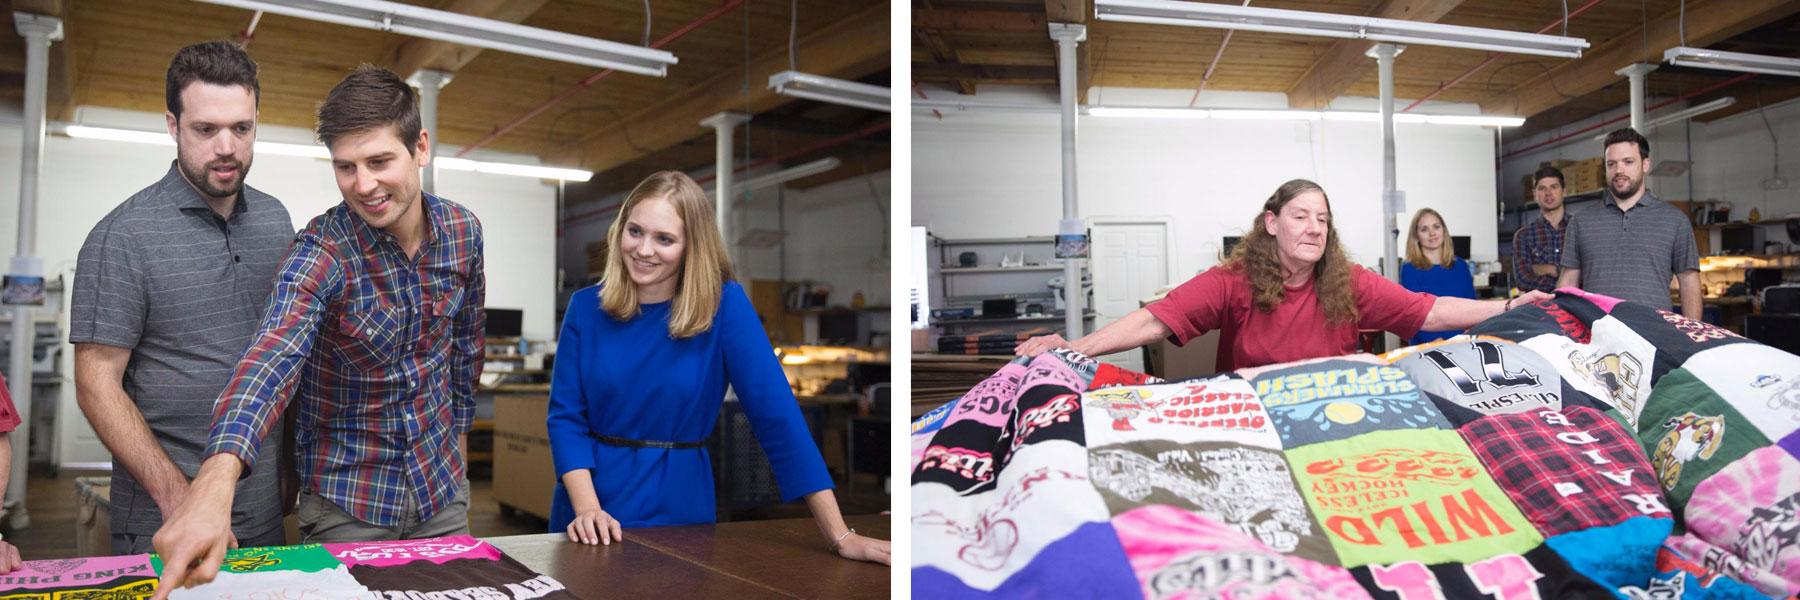 2 – 3 تصویر از مصاحبه کننده ها همراه تیم آنها